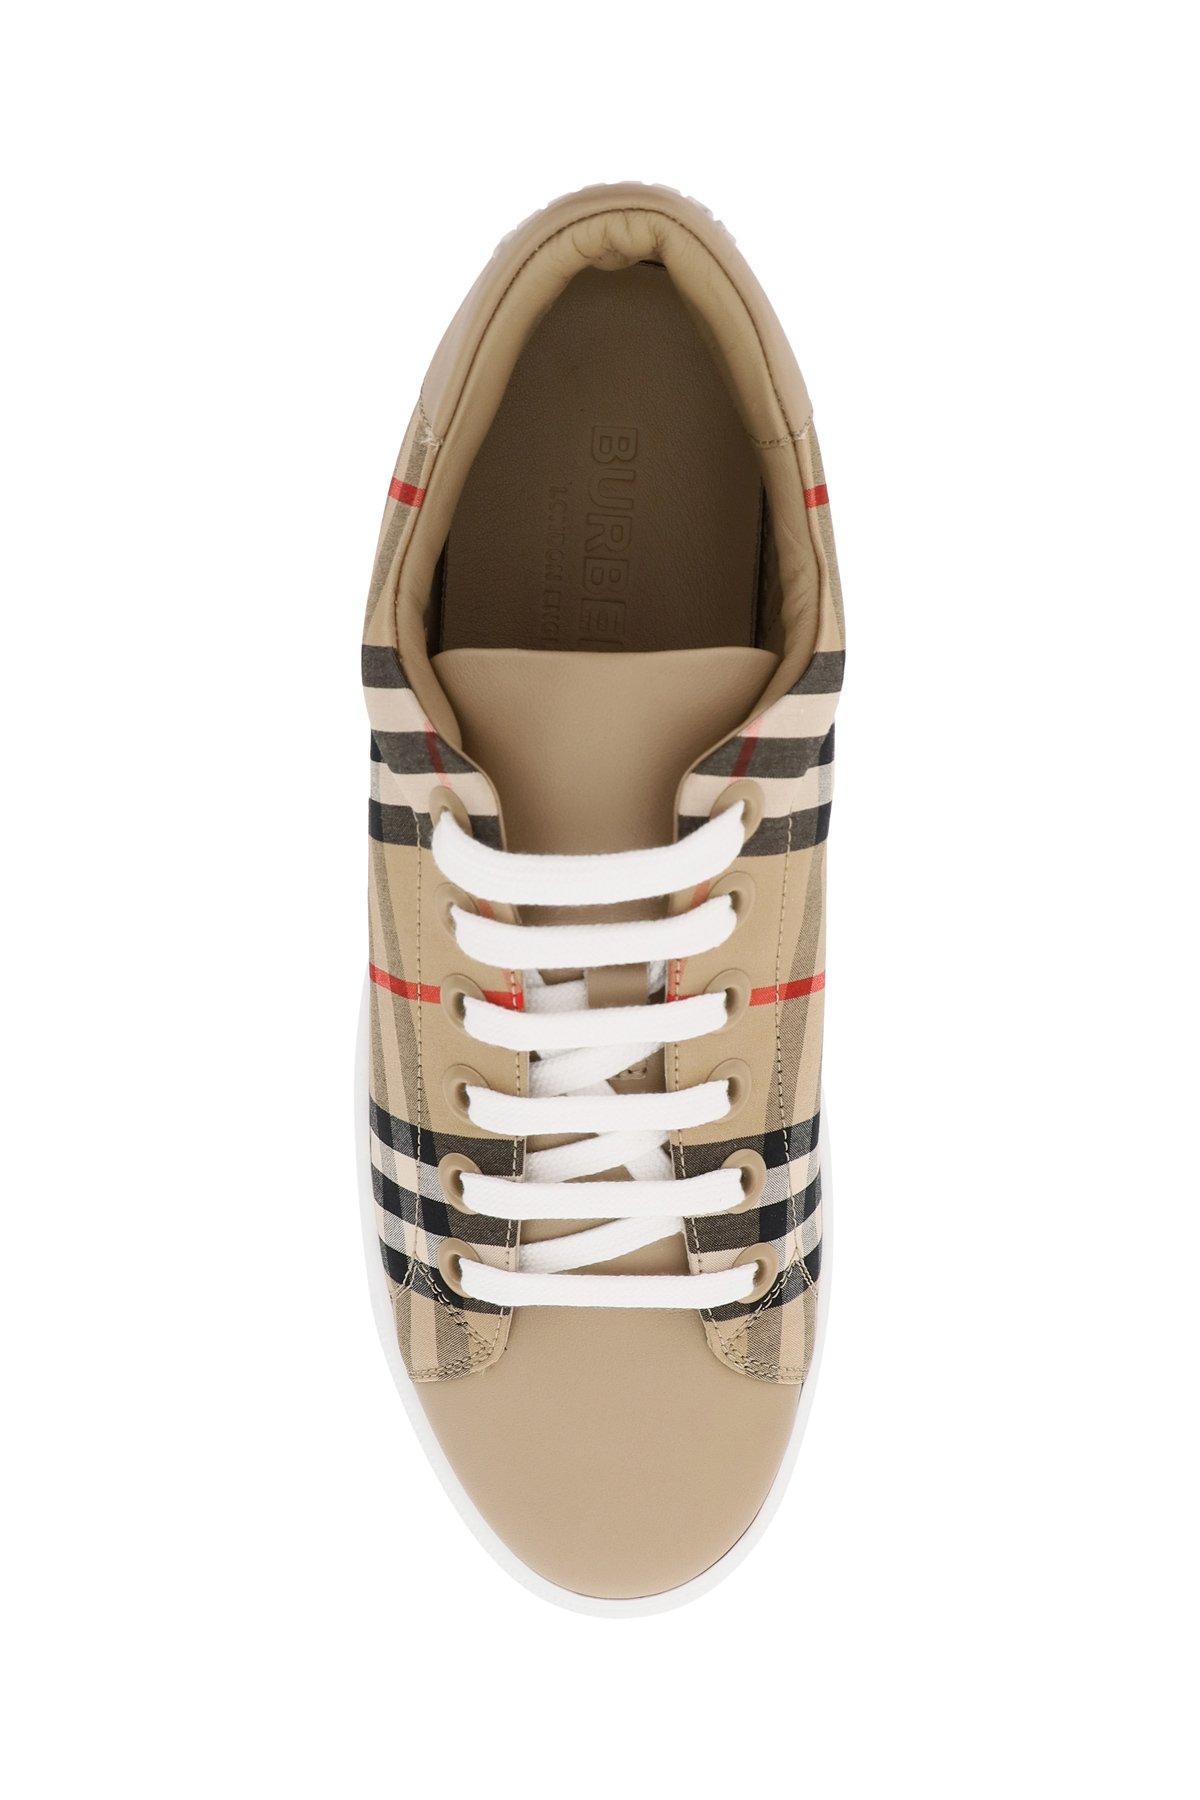 Burberry sneakers albridge